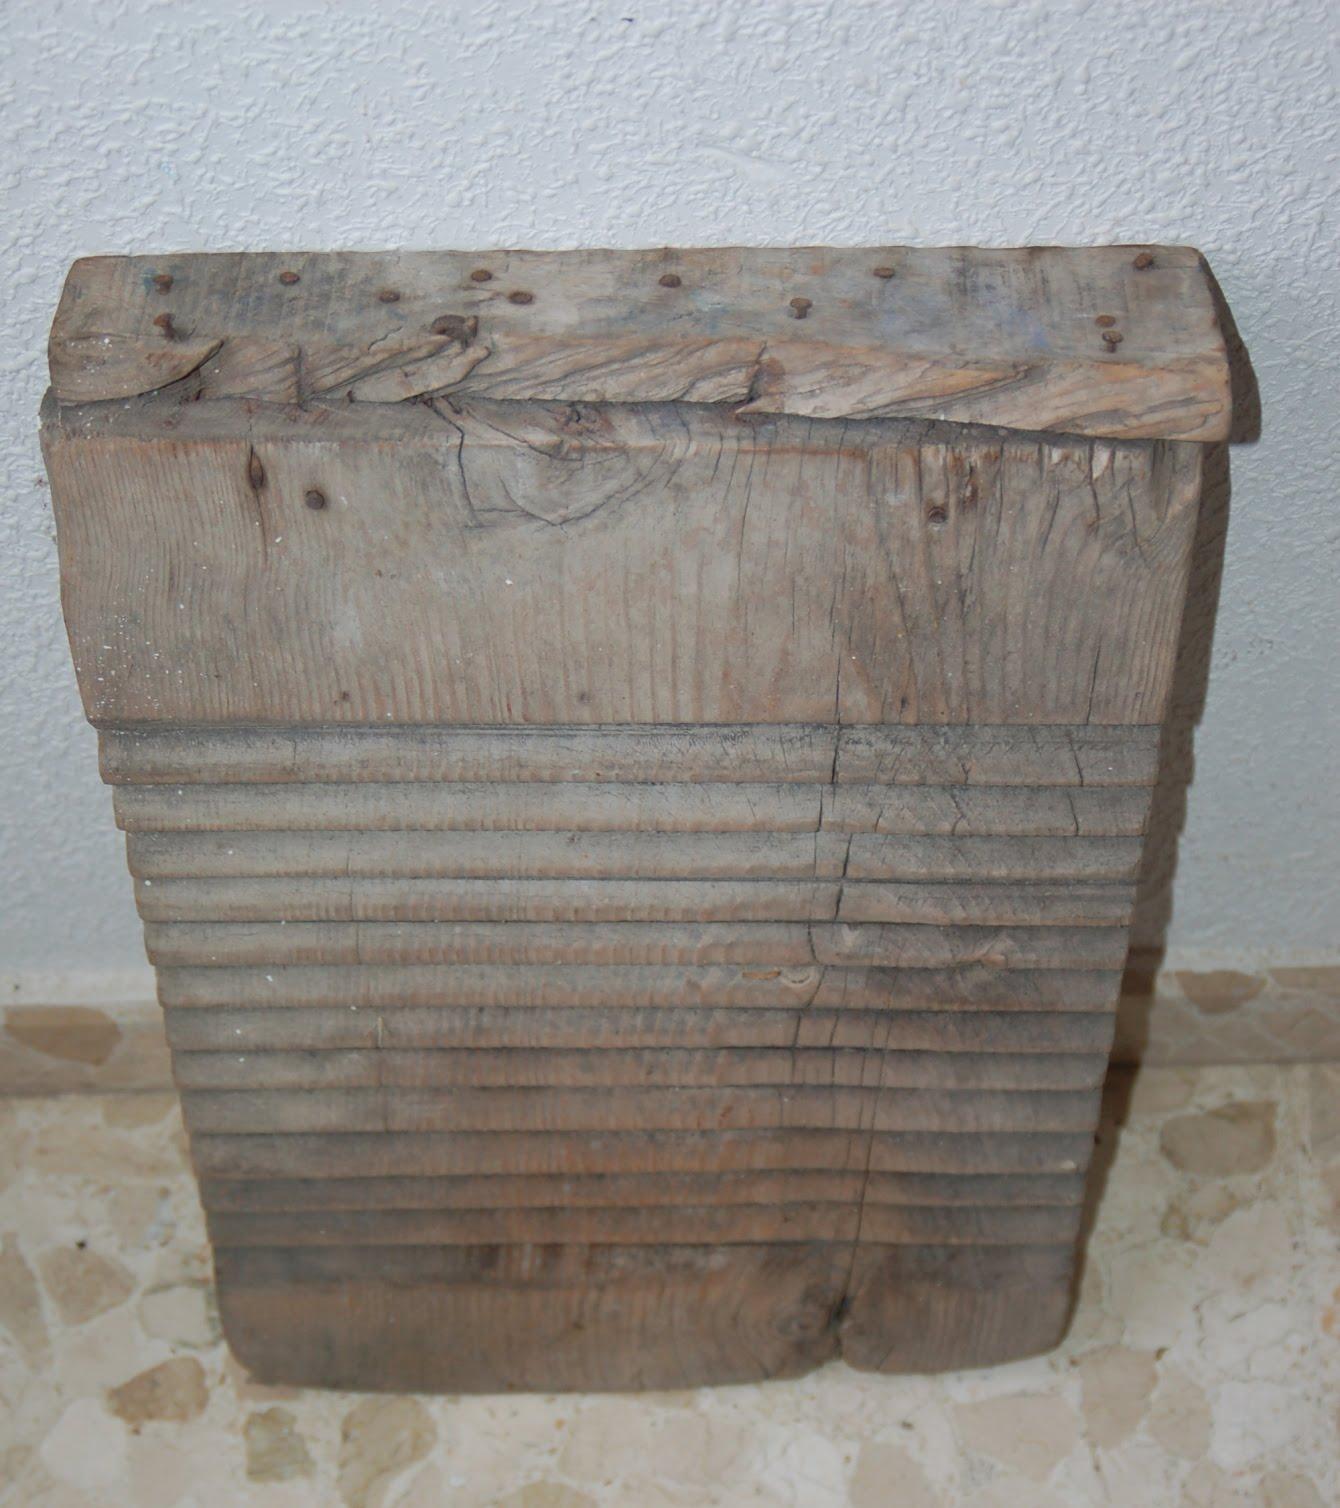 El blog de ma tablas de lavar antiguas hechas de madera for Cosas hechas de madera